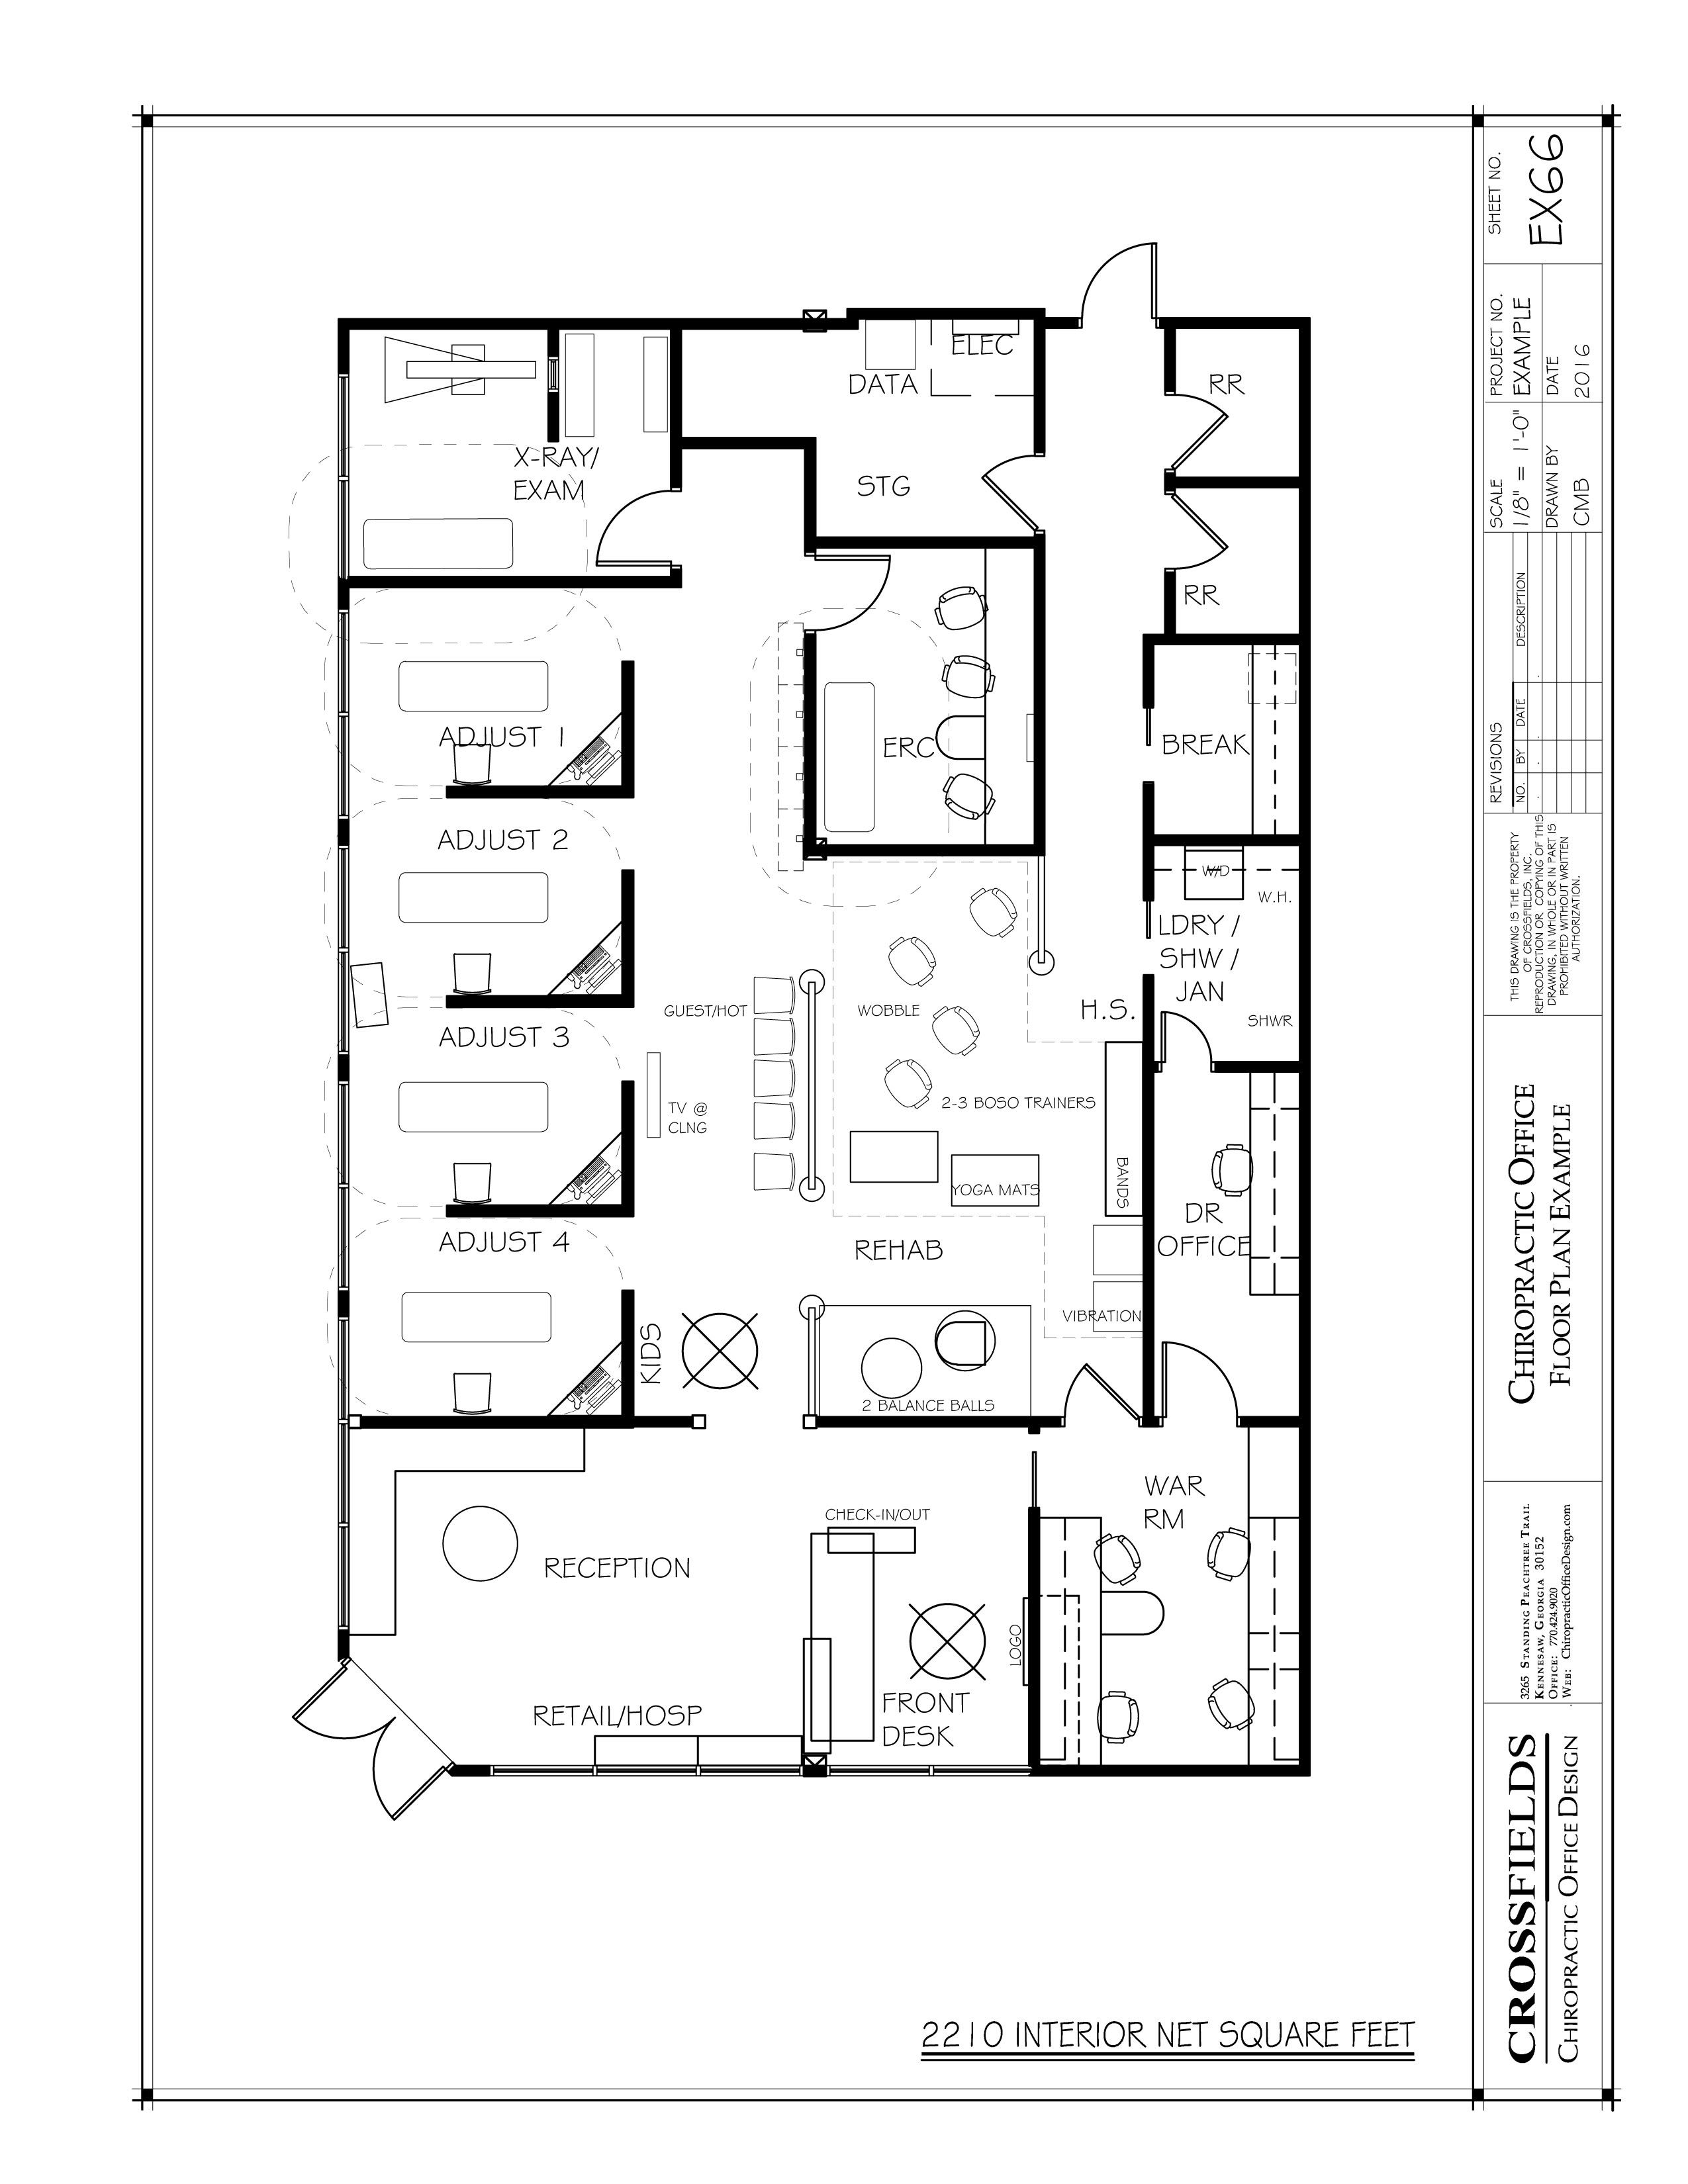 Sample Network Diagram Floor Plan Leeson Gear Motor Parts Office Samples